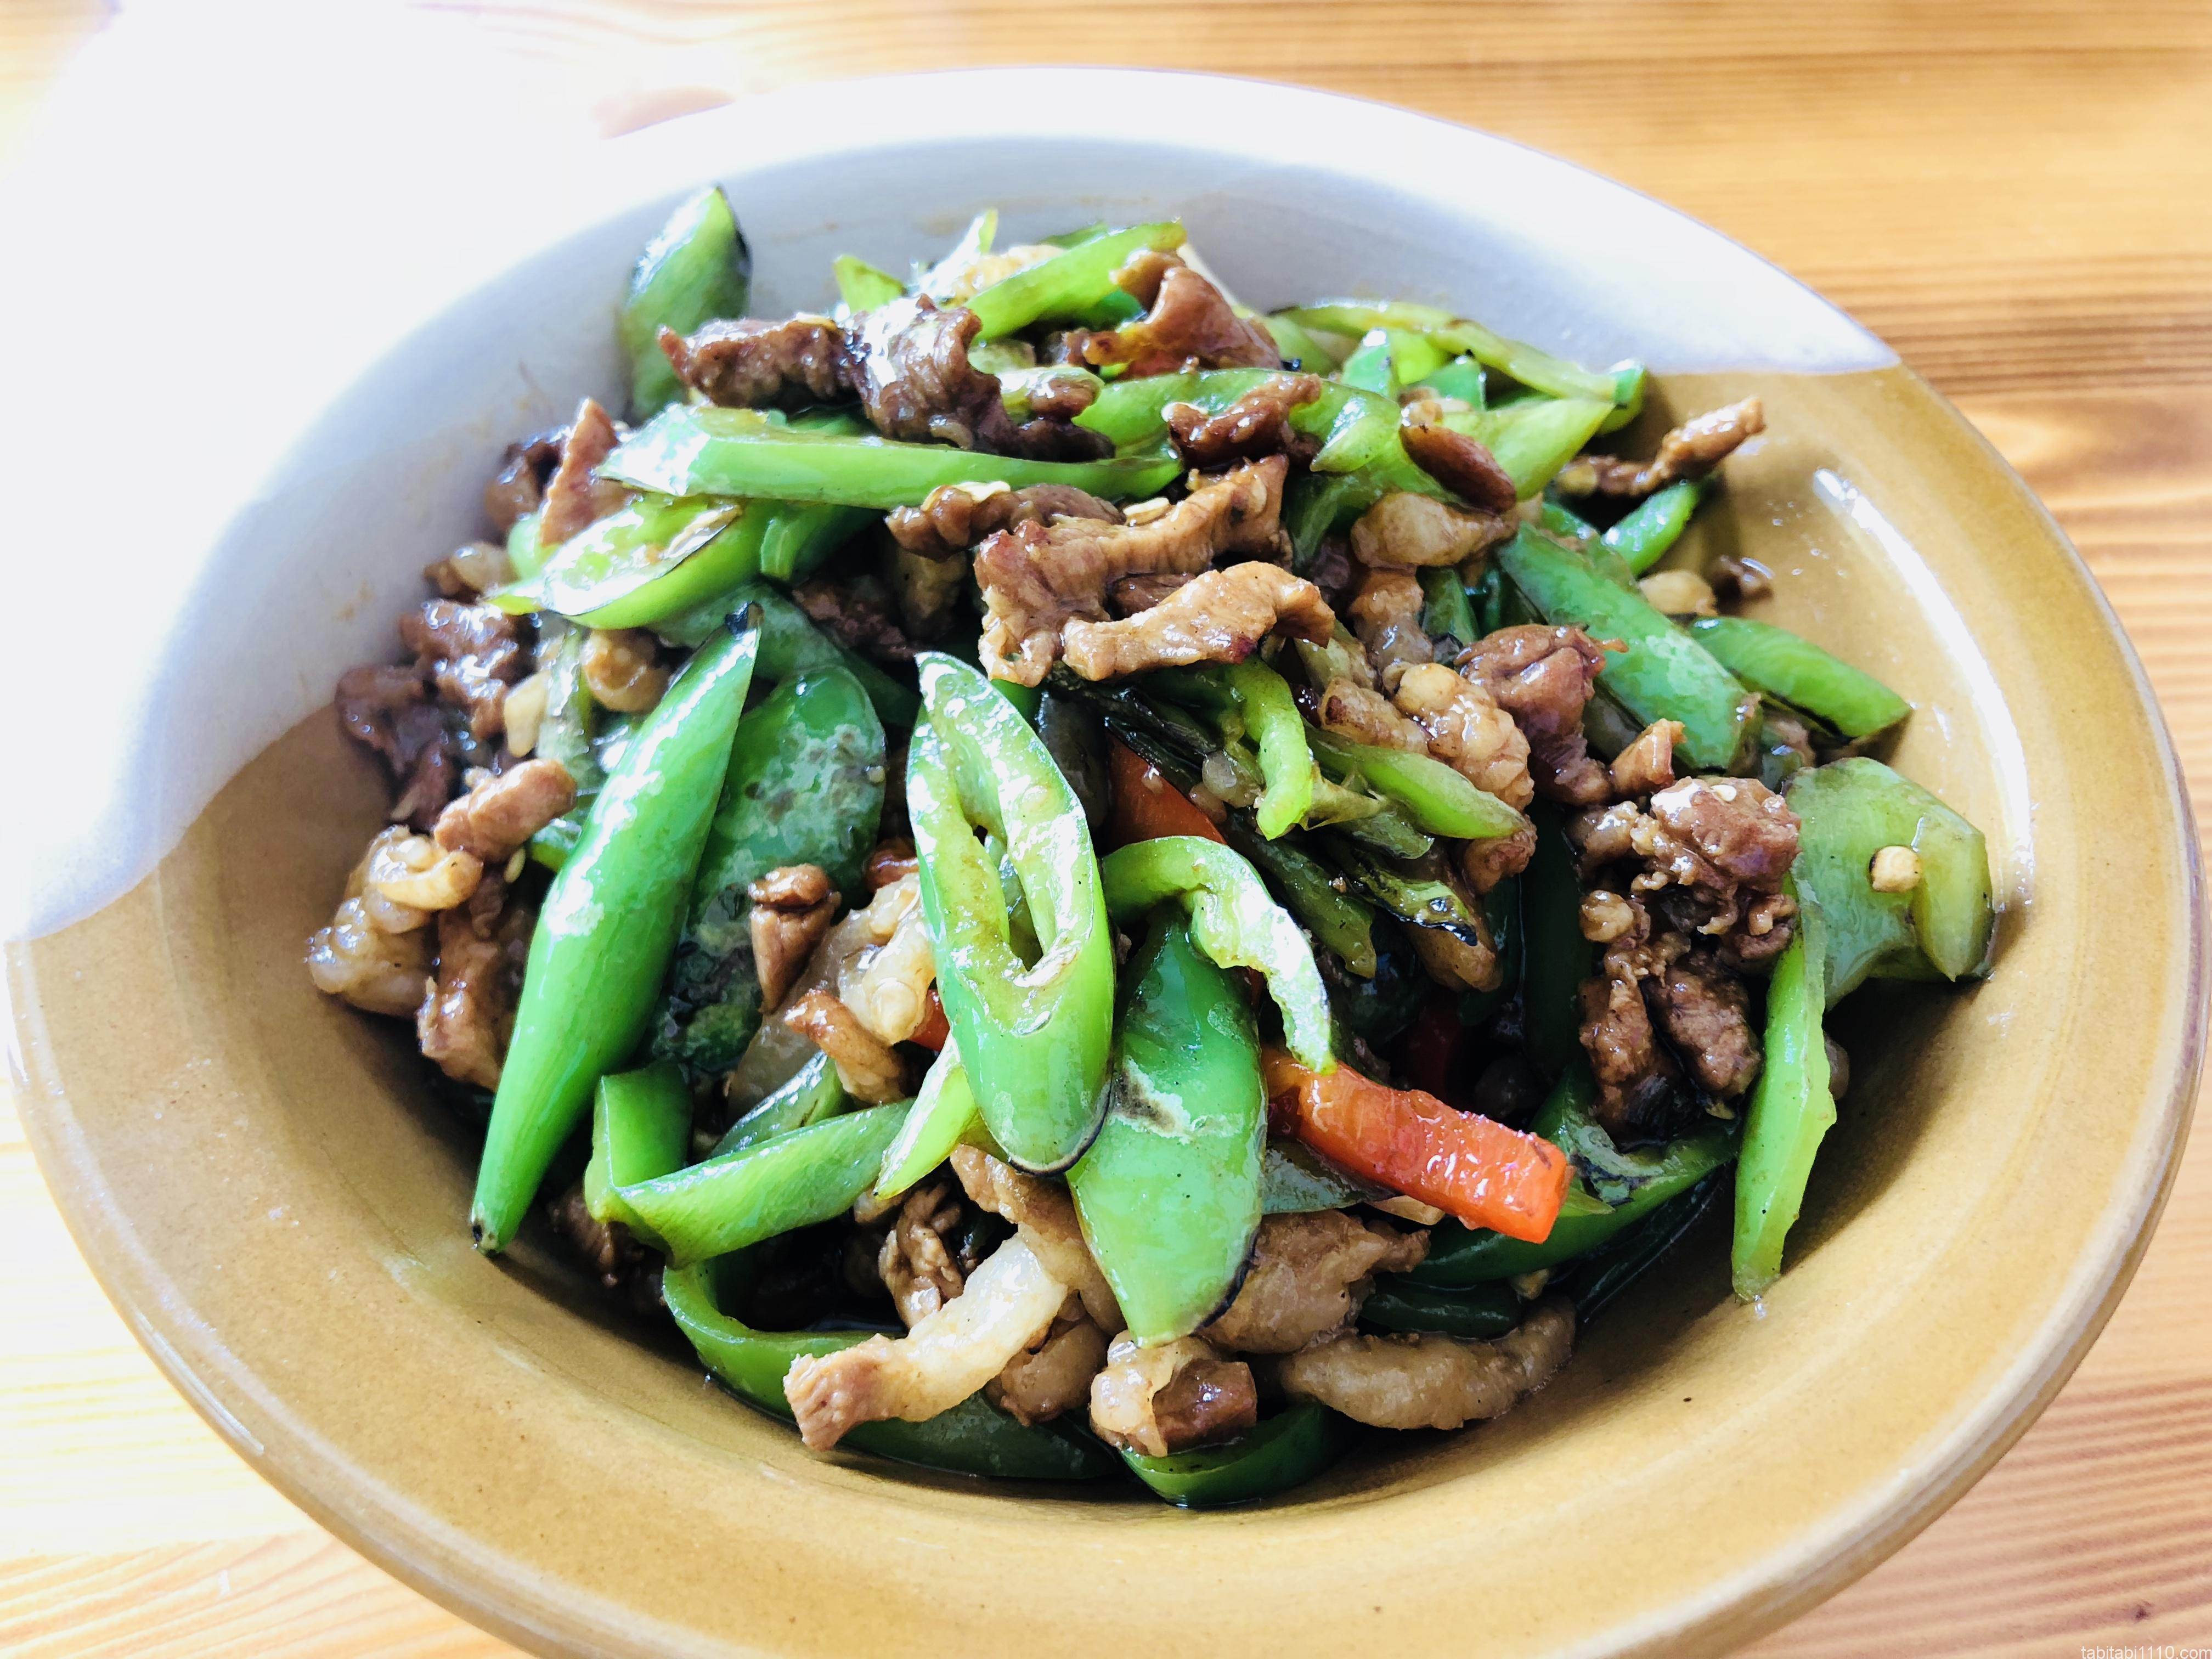 武陵源の食事|おすすめ中華料理店『牛灰汁』の青椒肉絲